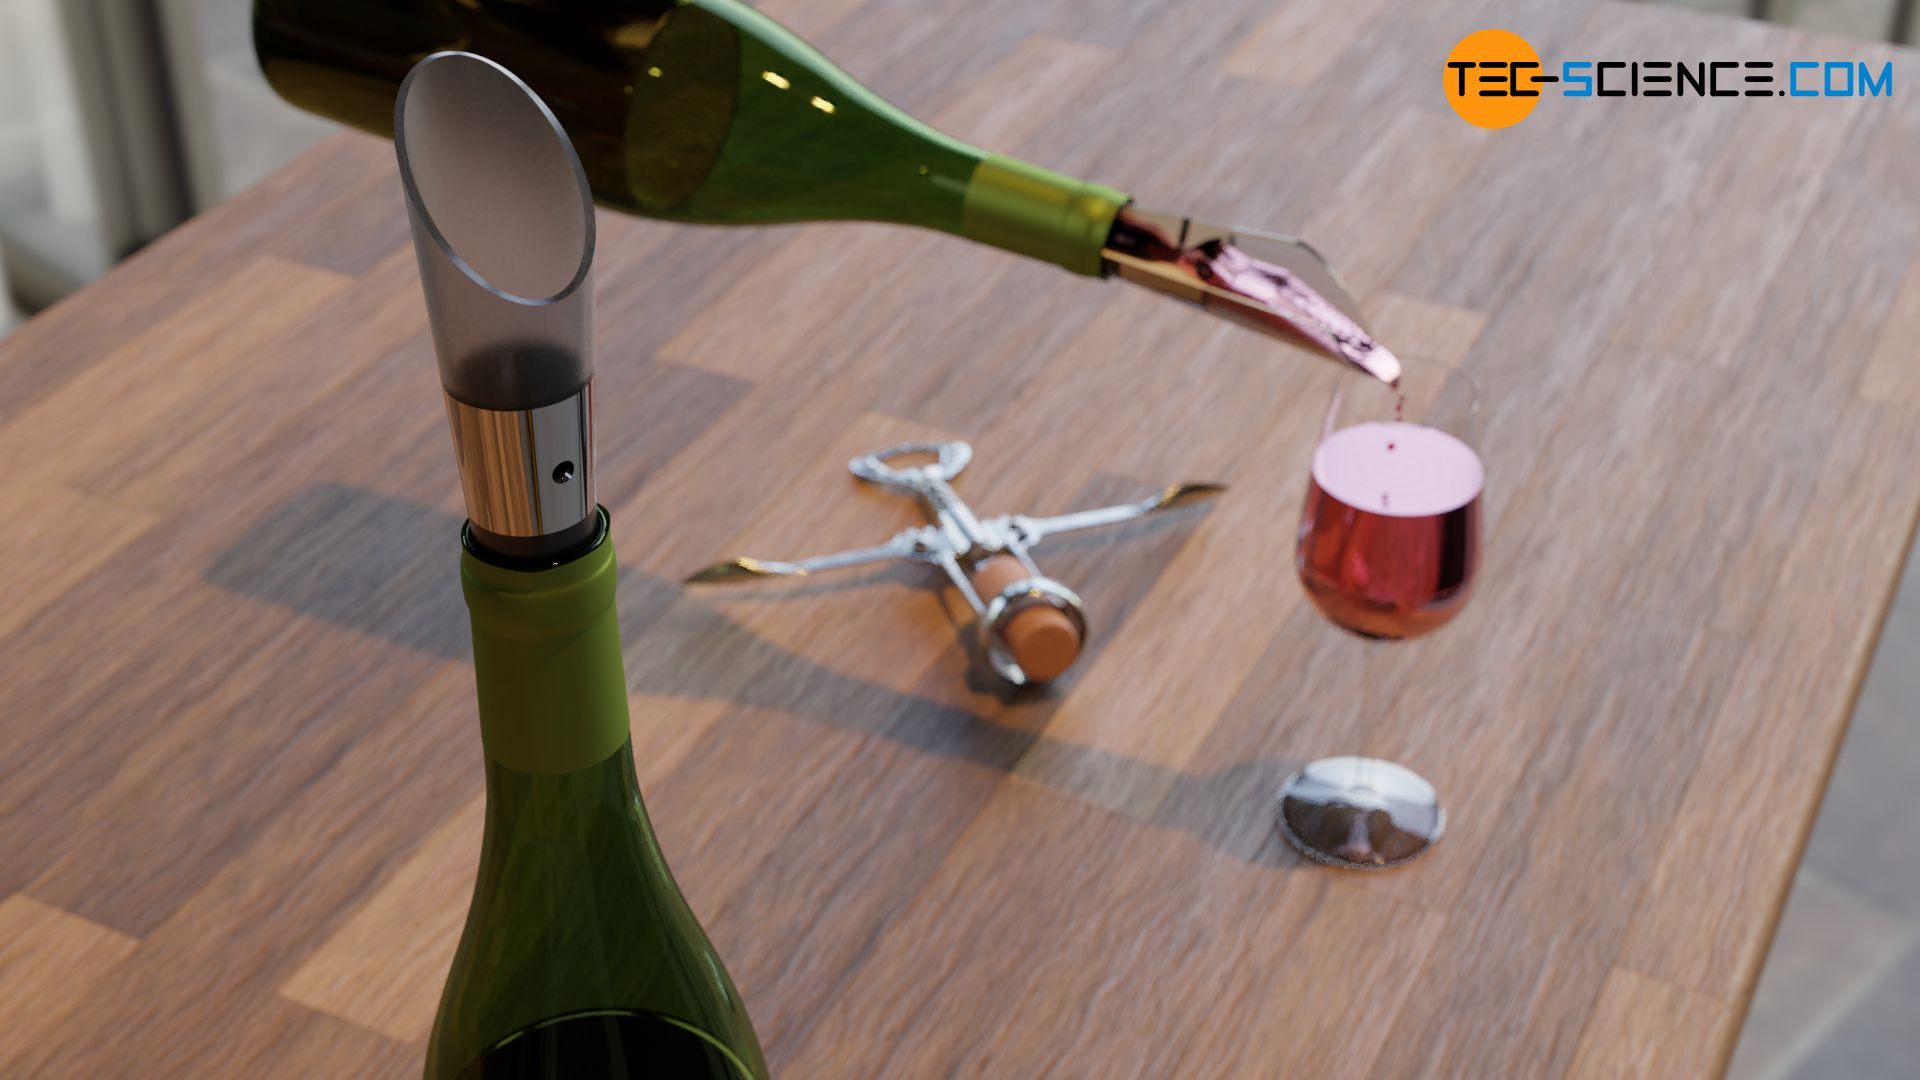 Dekantieraufsatz einer Weinflasche